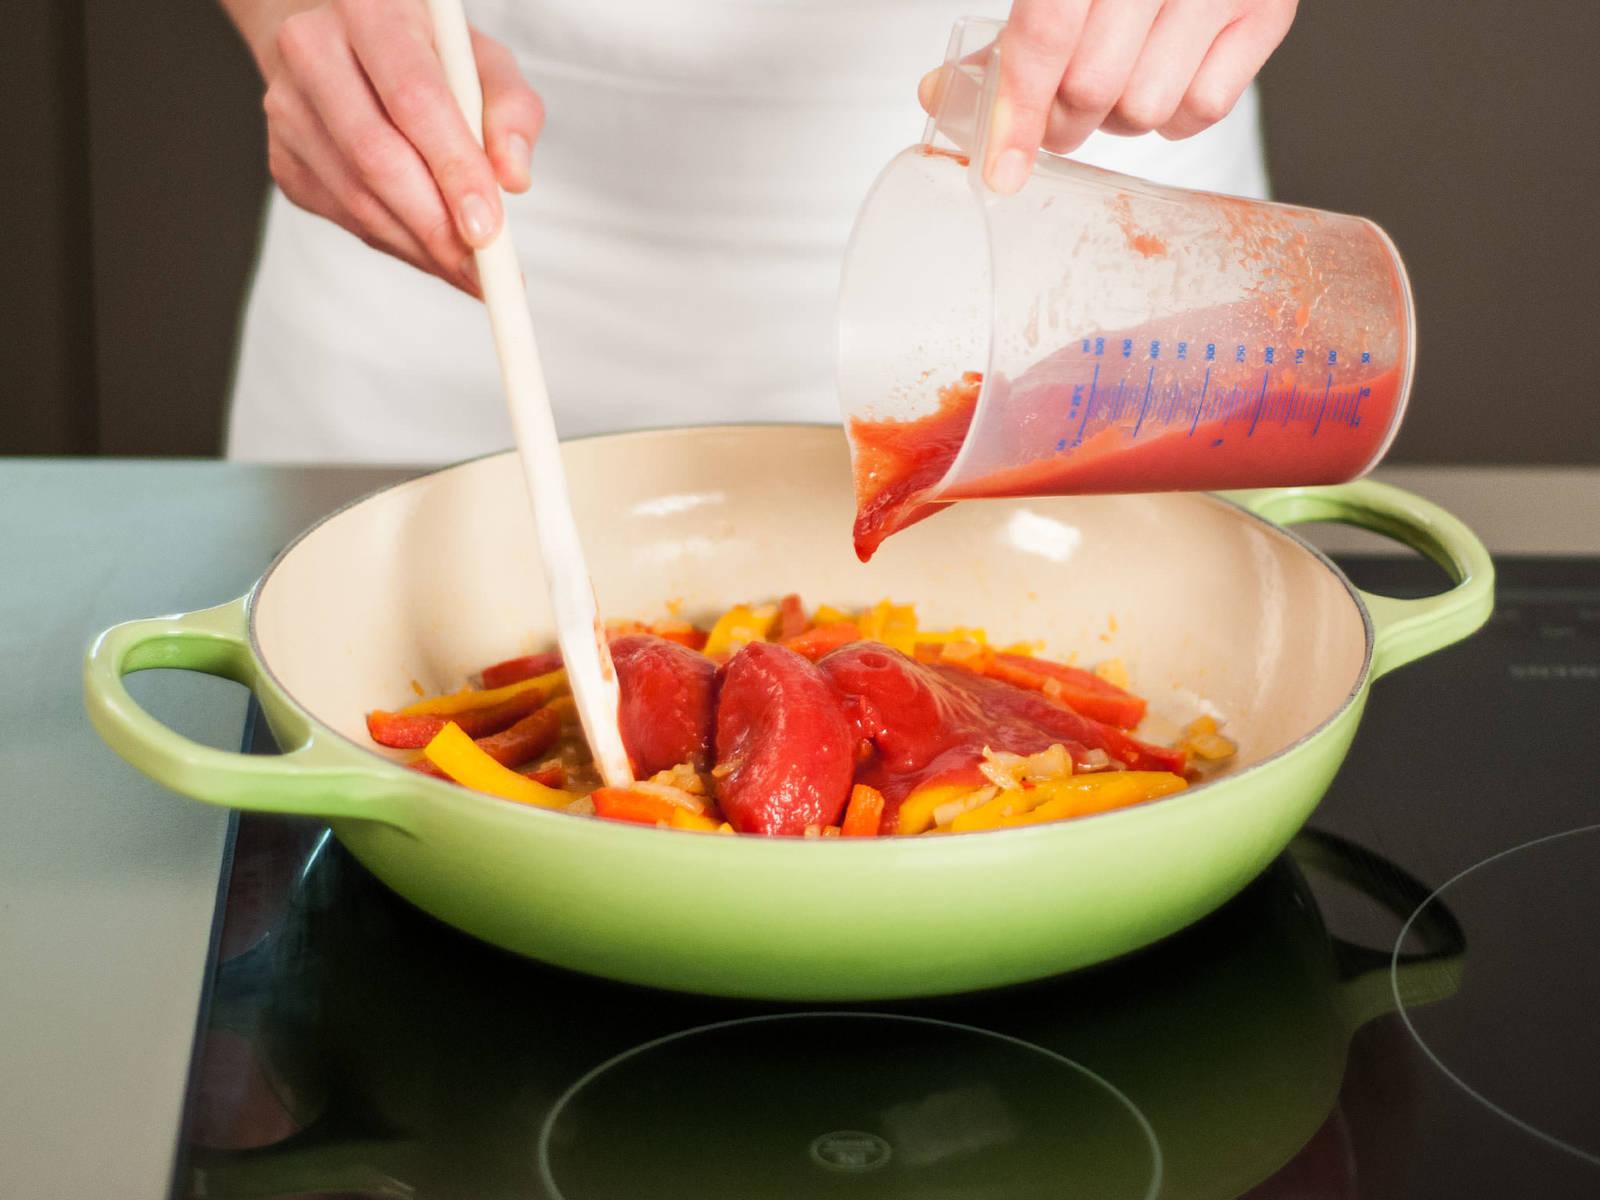 将新鲜番茄与罐装番茄一起加入锅中,并用锅勺轻轻压碎。